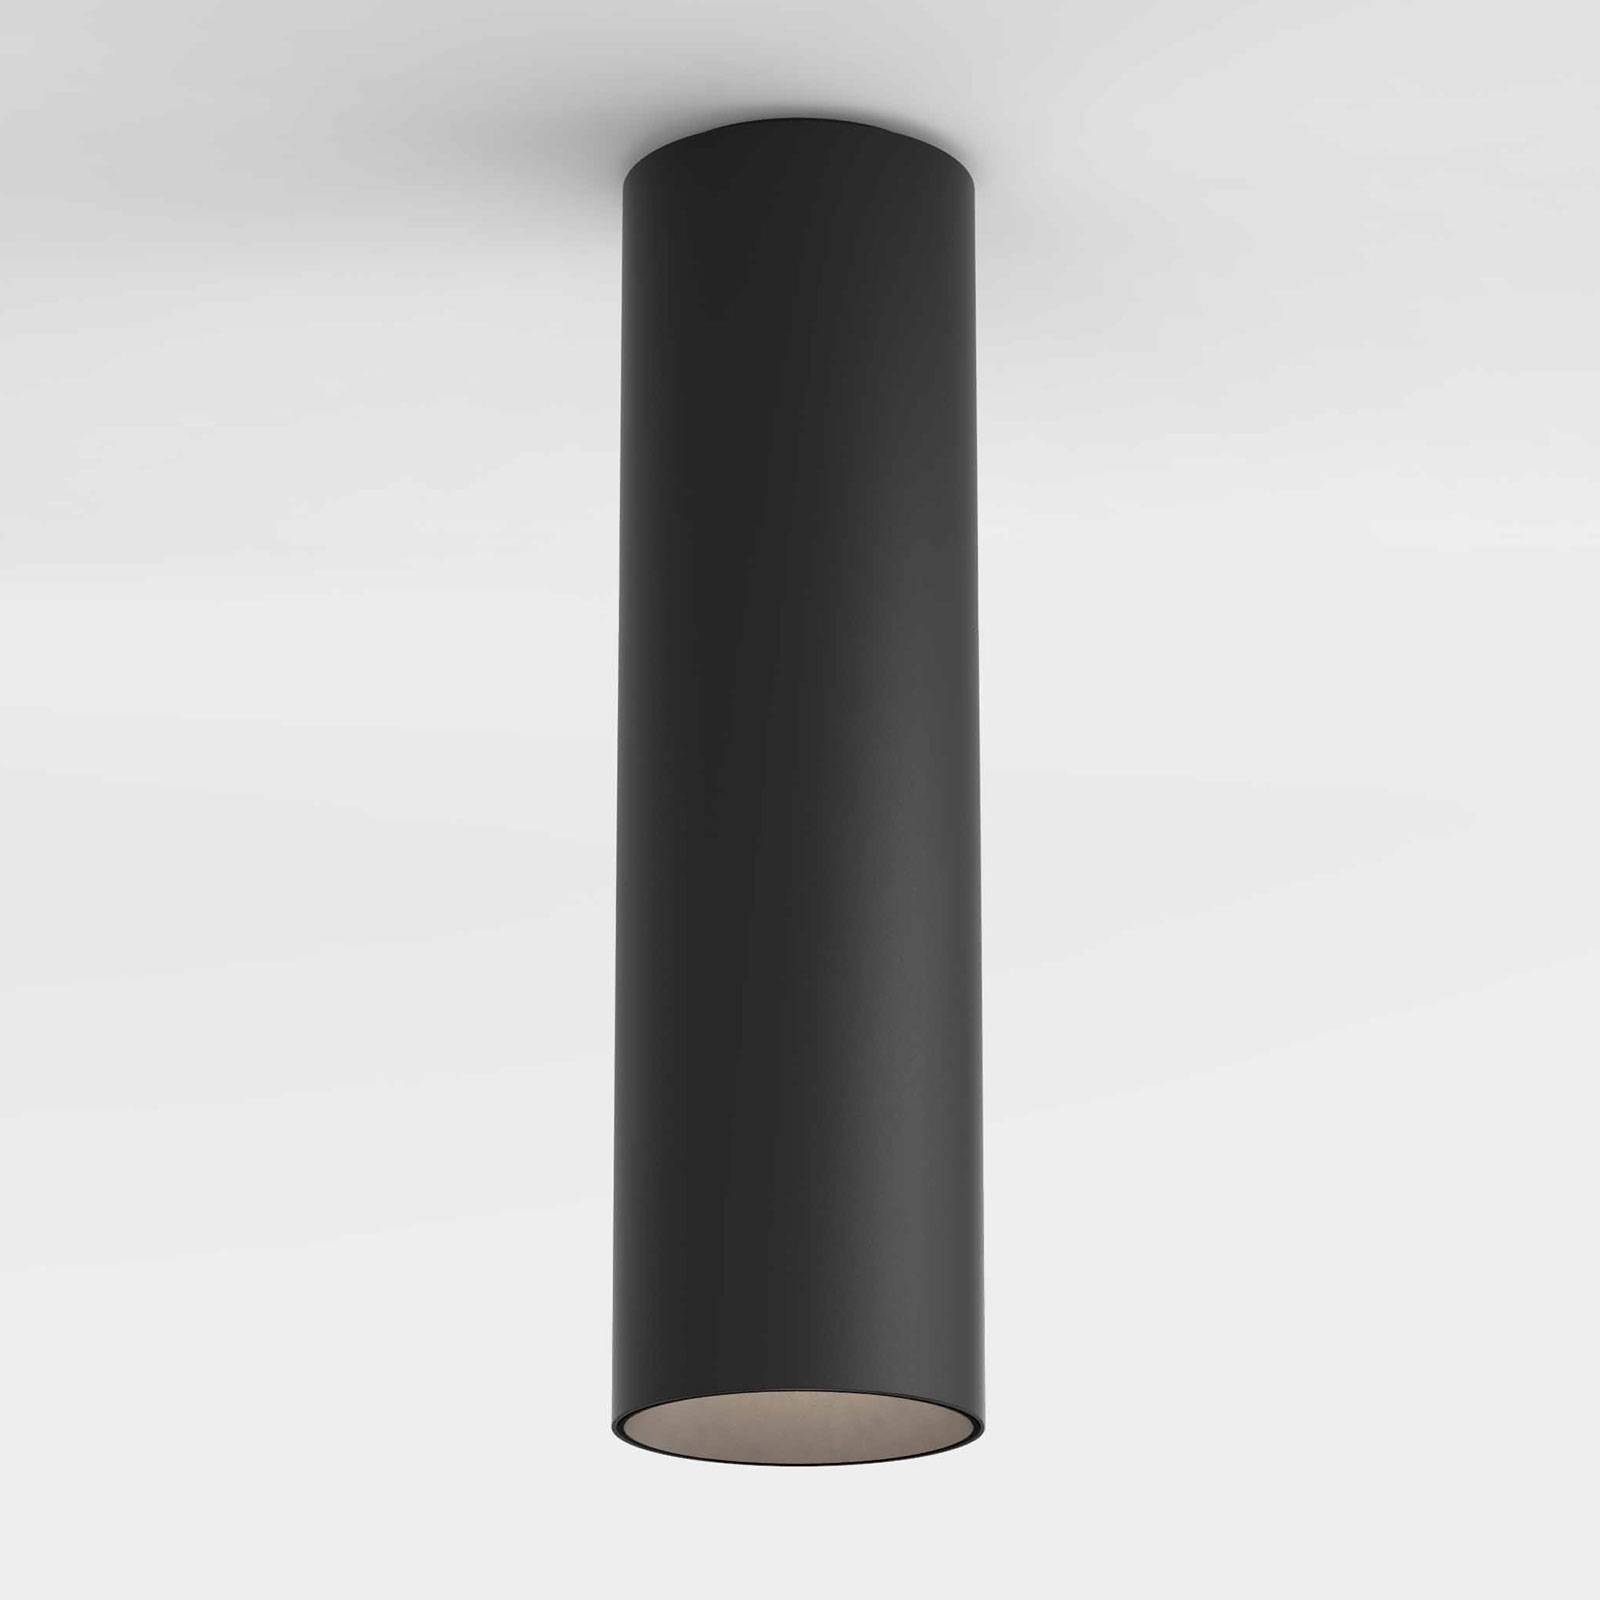 Astro Yuma Surface lampa sufitowa LED czarna